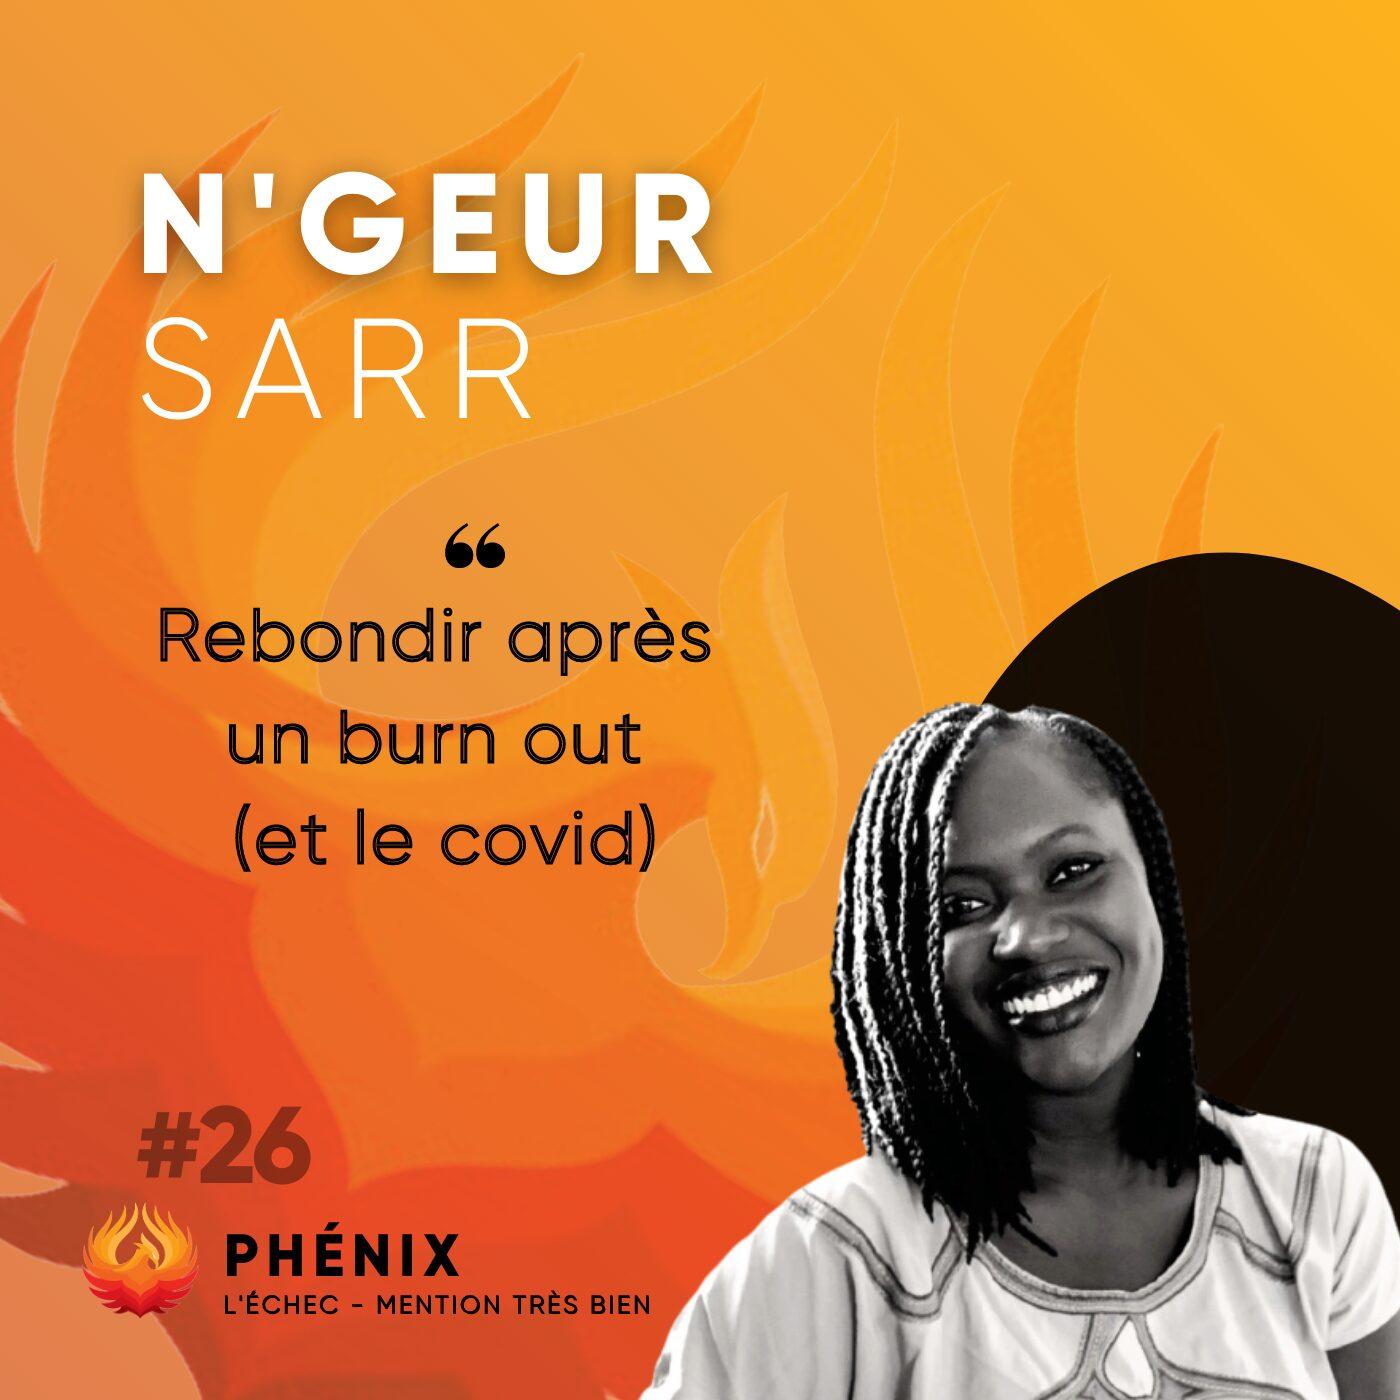 #26 🤯 - N'Geur Sarr : Rebondir après un burn-out (et le covid)